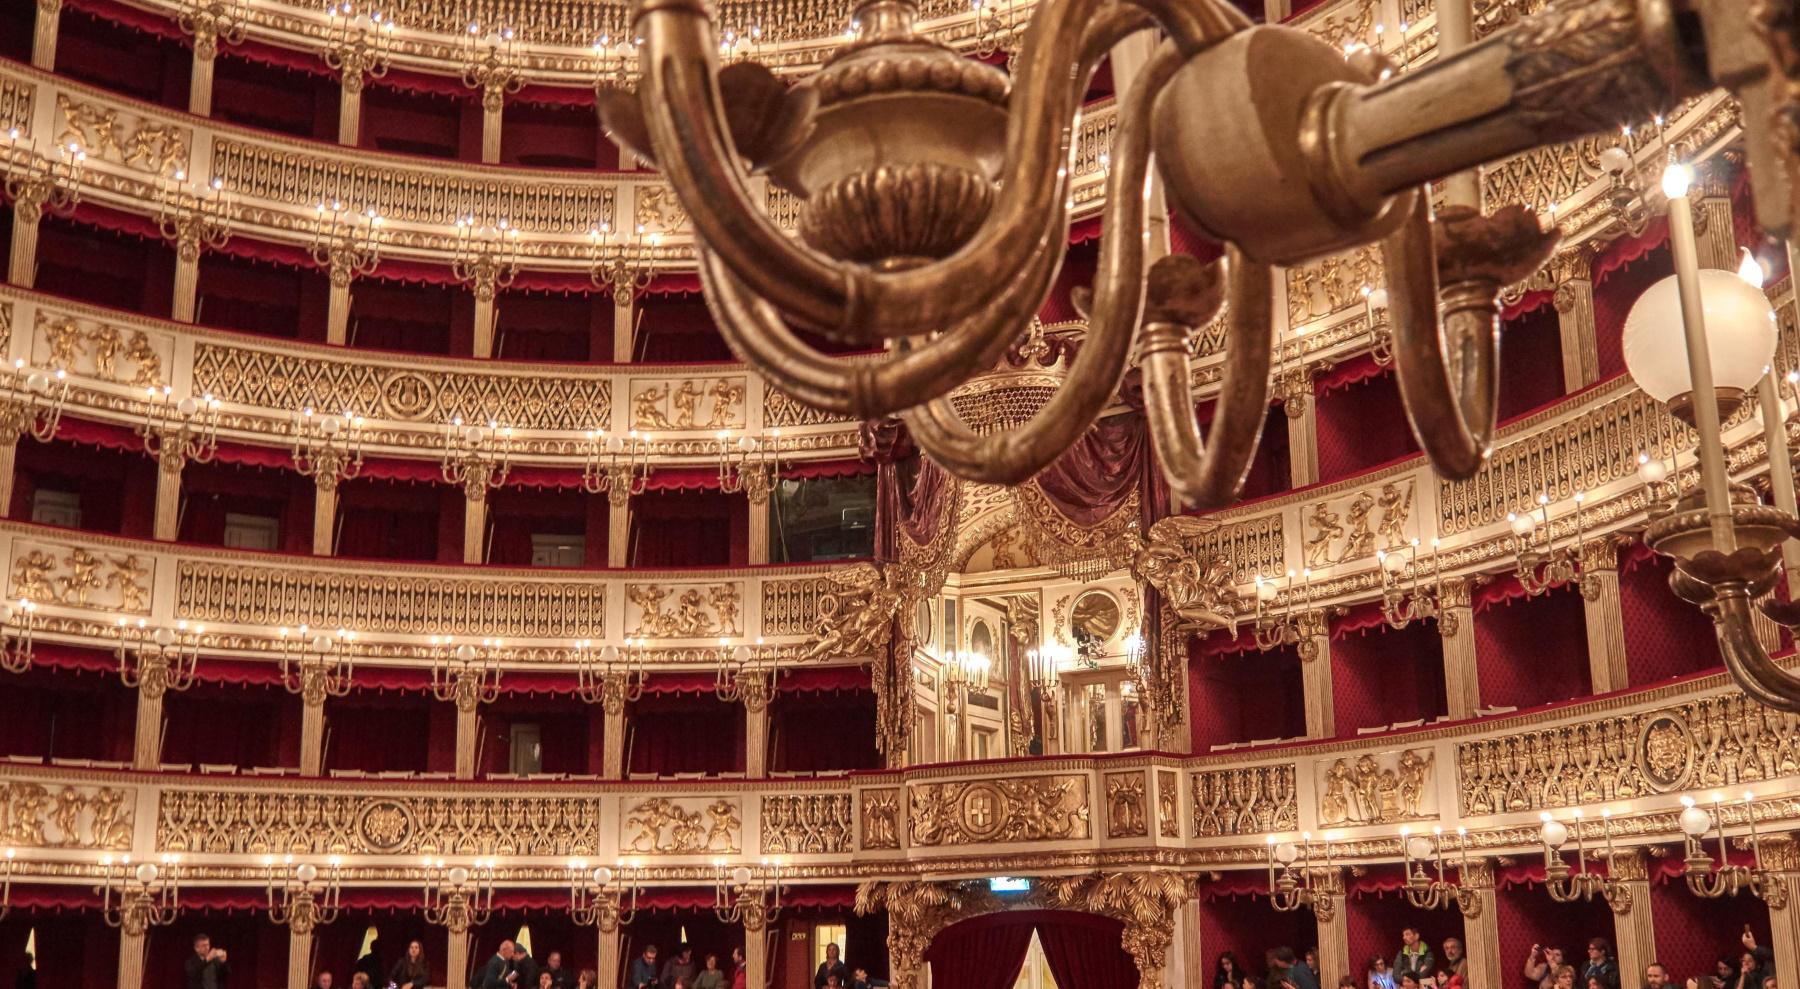 Al teatro San Carlo, tra magnificenza e delusione [FOTO]